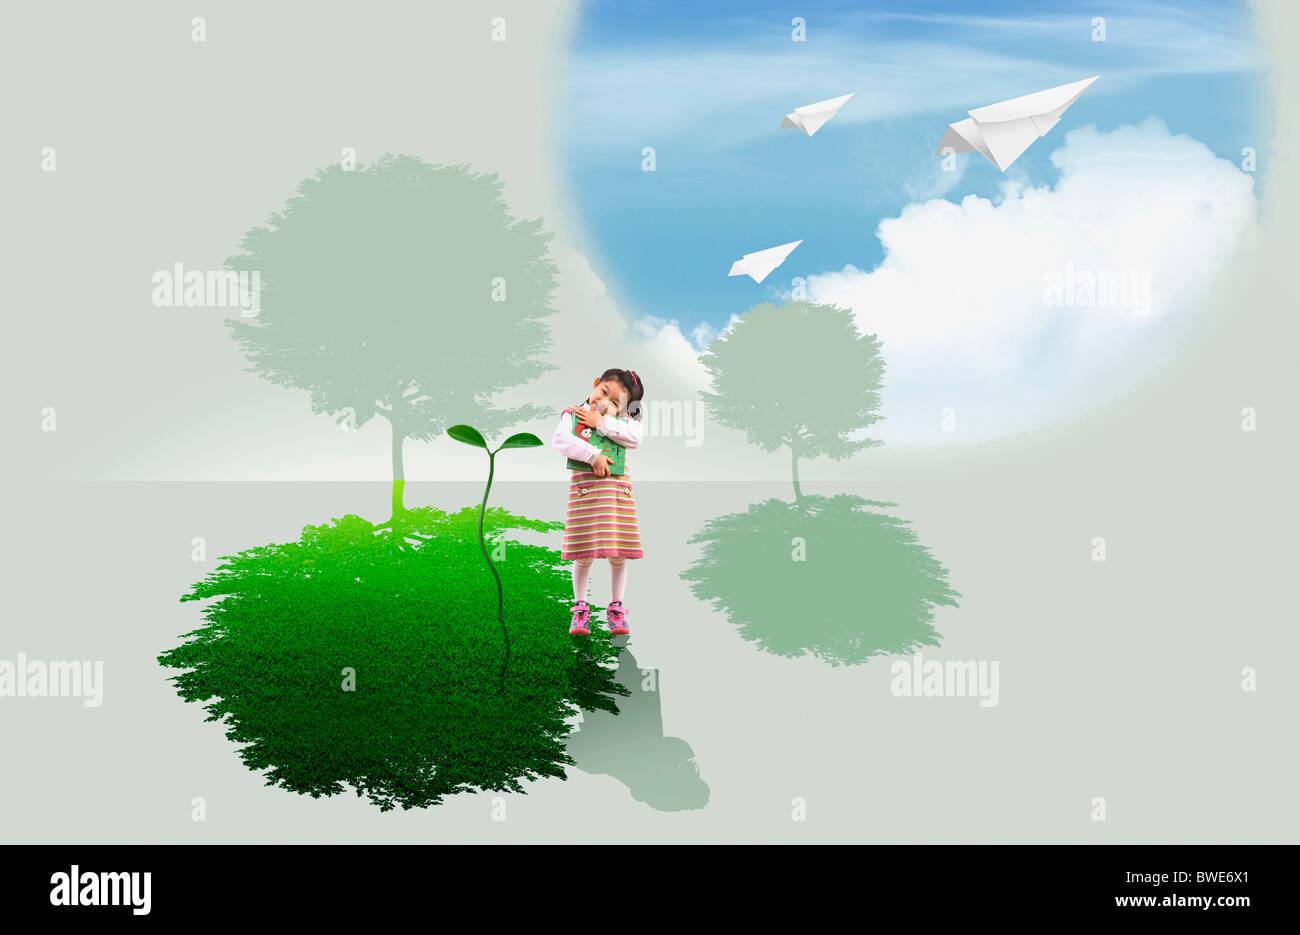 hoffnungsvoll umweltfreundlich Stockbild